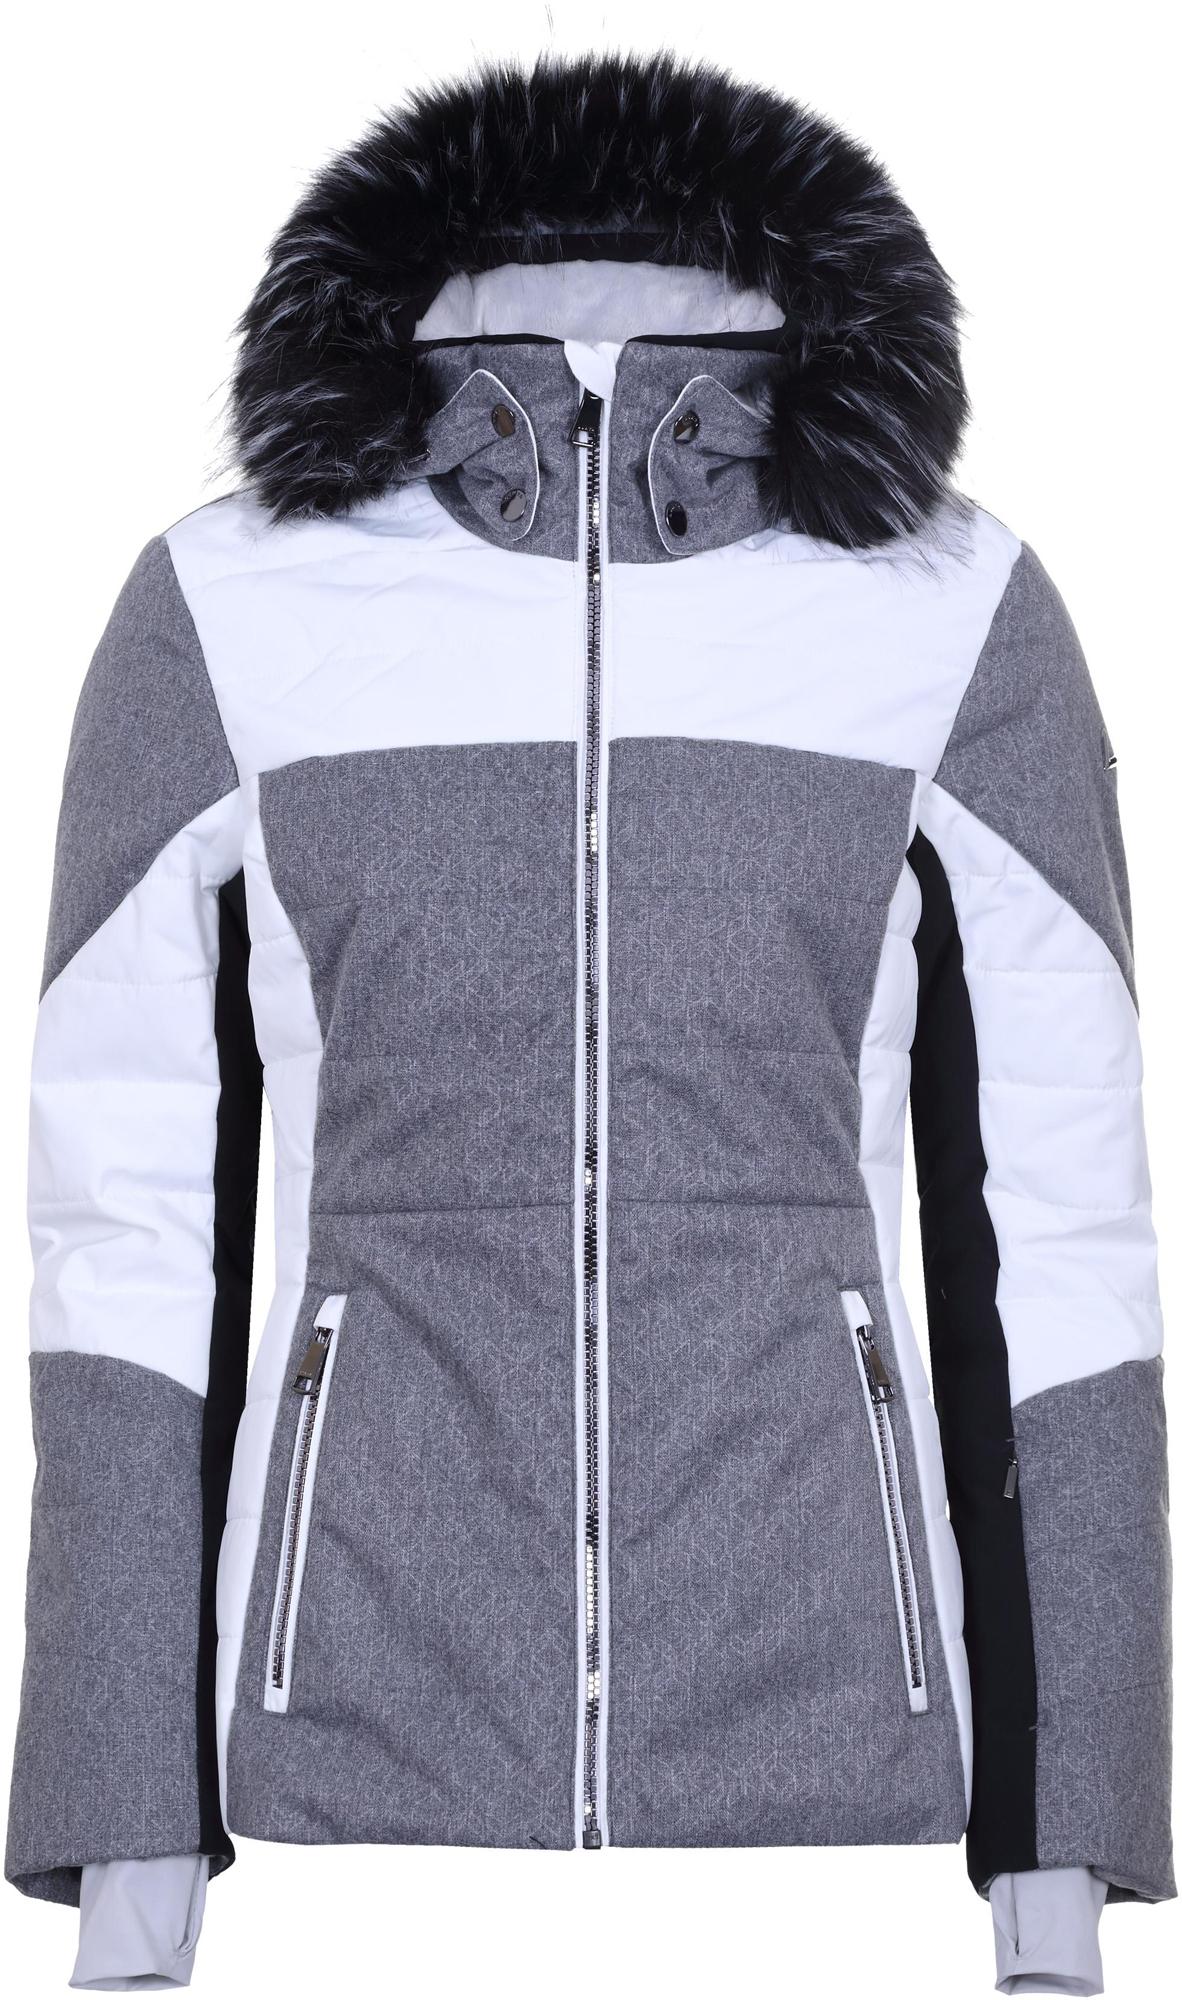 купить Luhta Куртка женская Luhta Ivaska, размер 48 по цене 19999 рублей